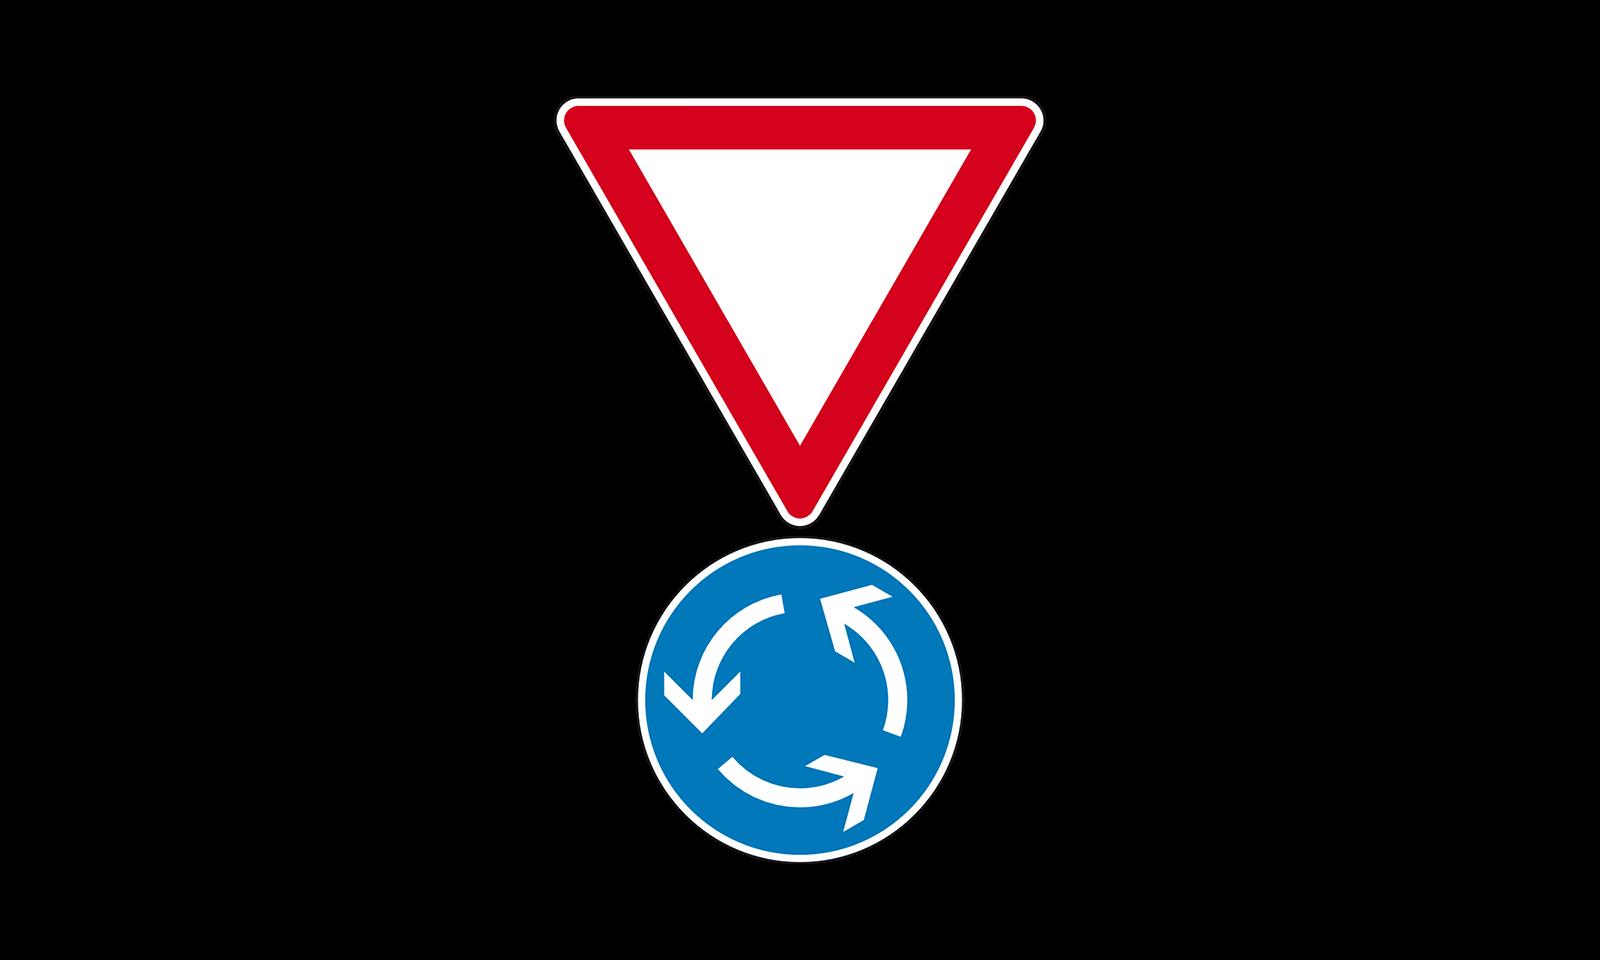 Wie Haben Sie Sich Bei Dieser Verkehrszeichen Kombination Zu